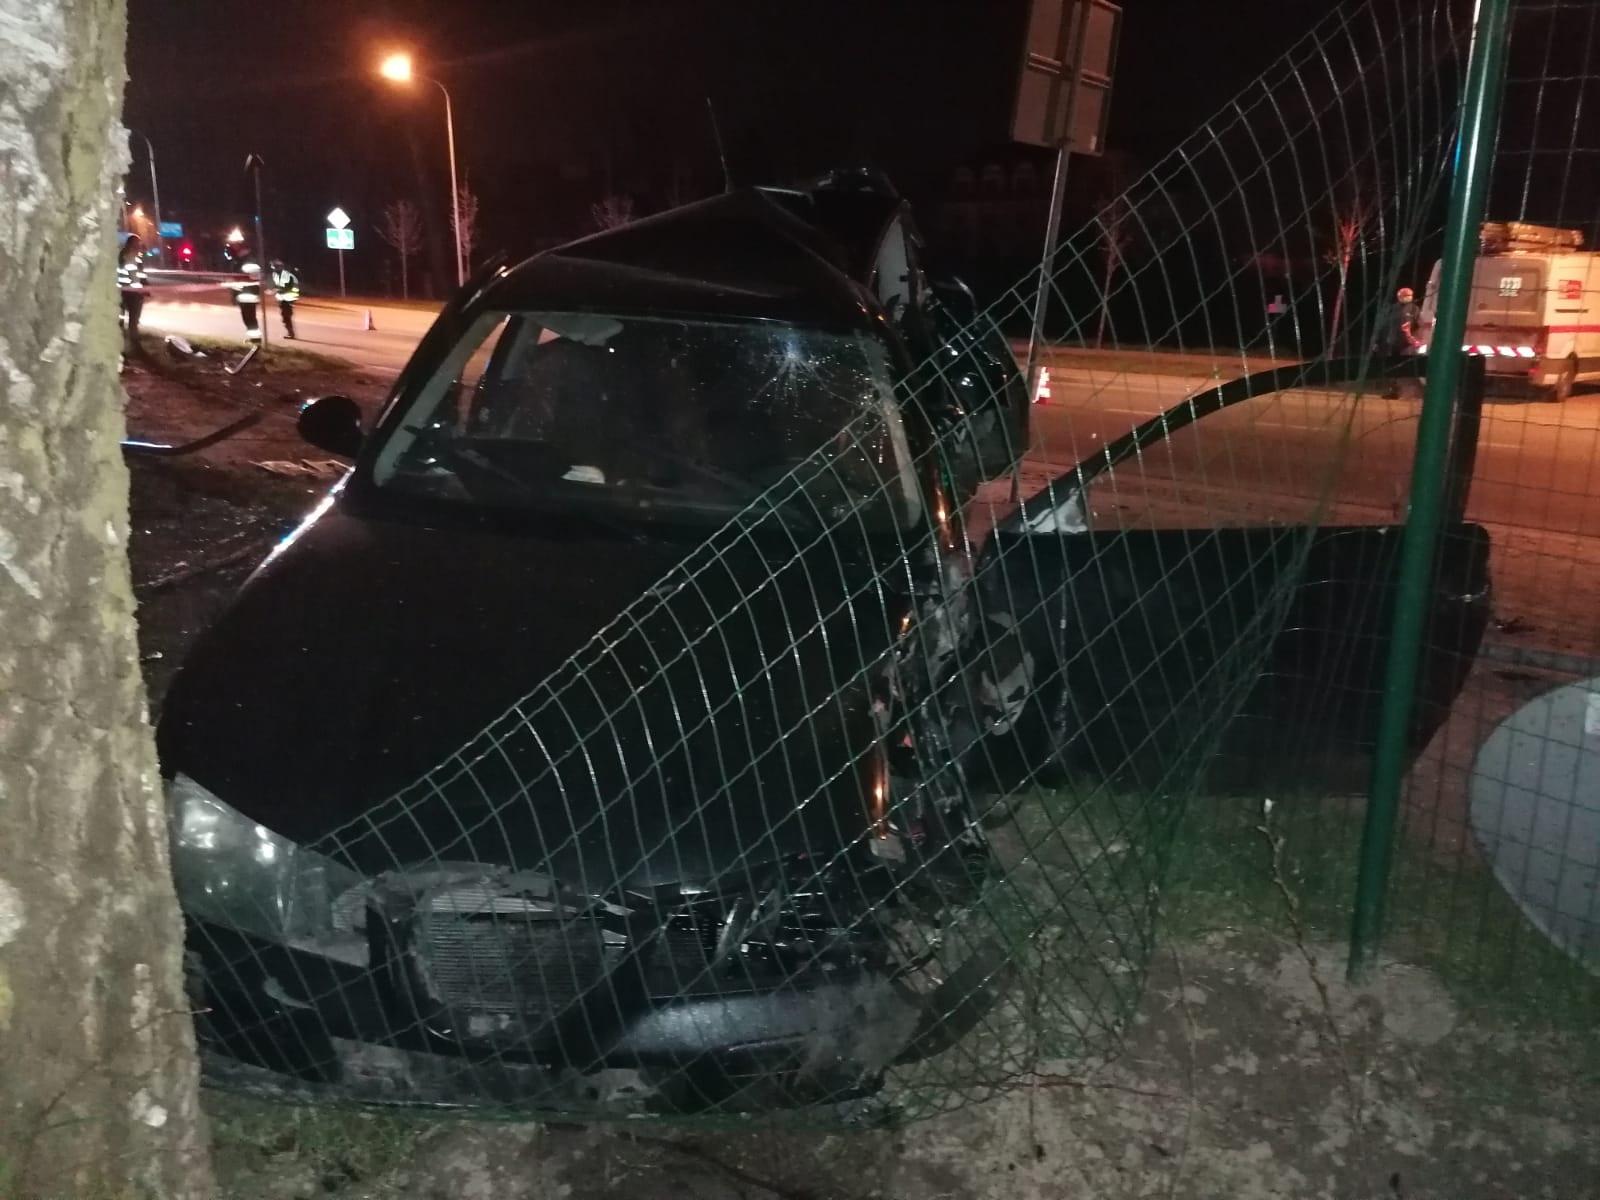 KPP Oświęcim. Wypadek drogowy seat uderzył w ogrodzenie i drzewo widok z przodu